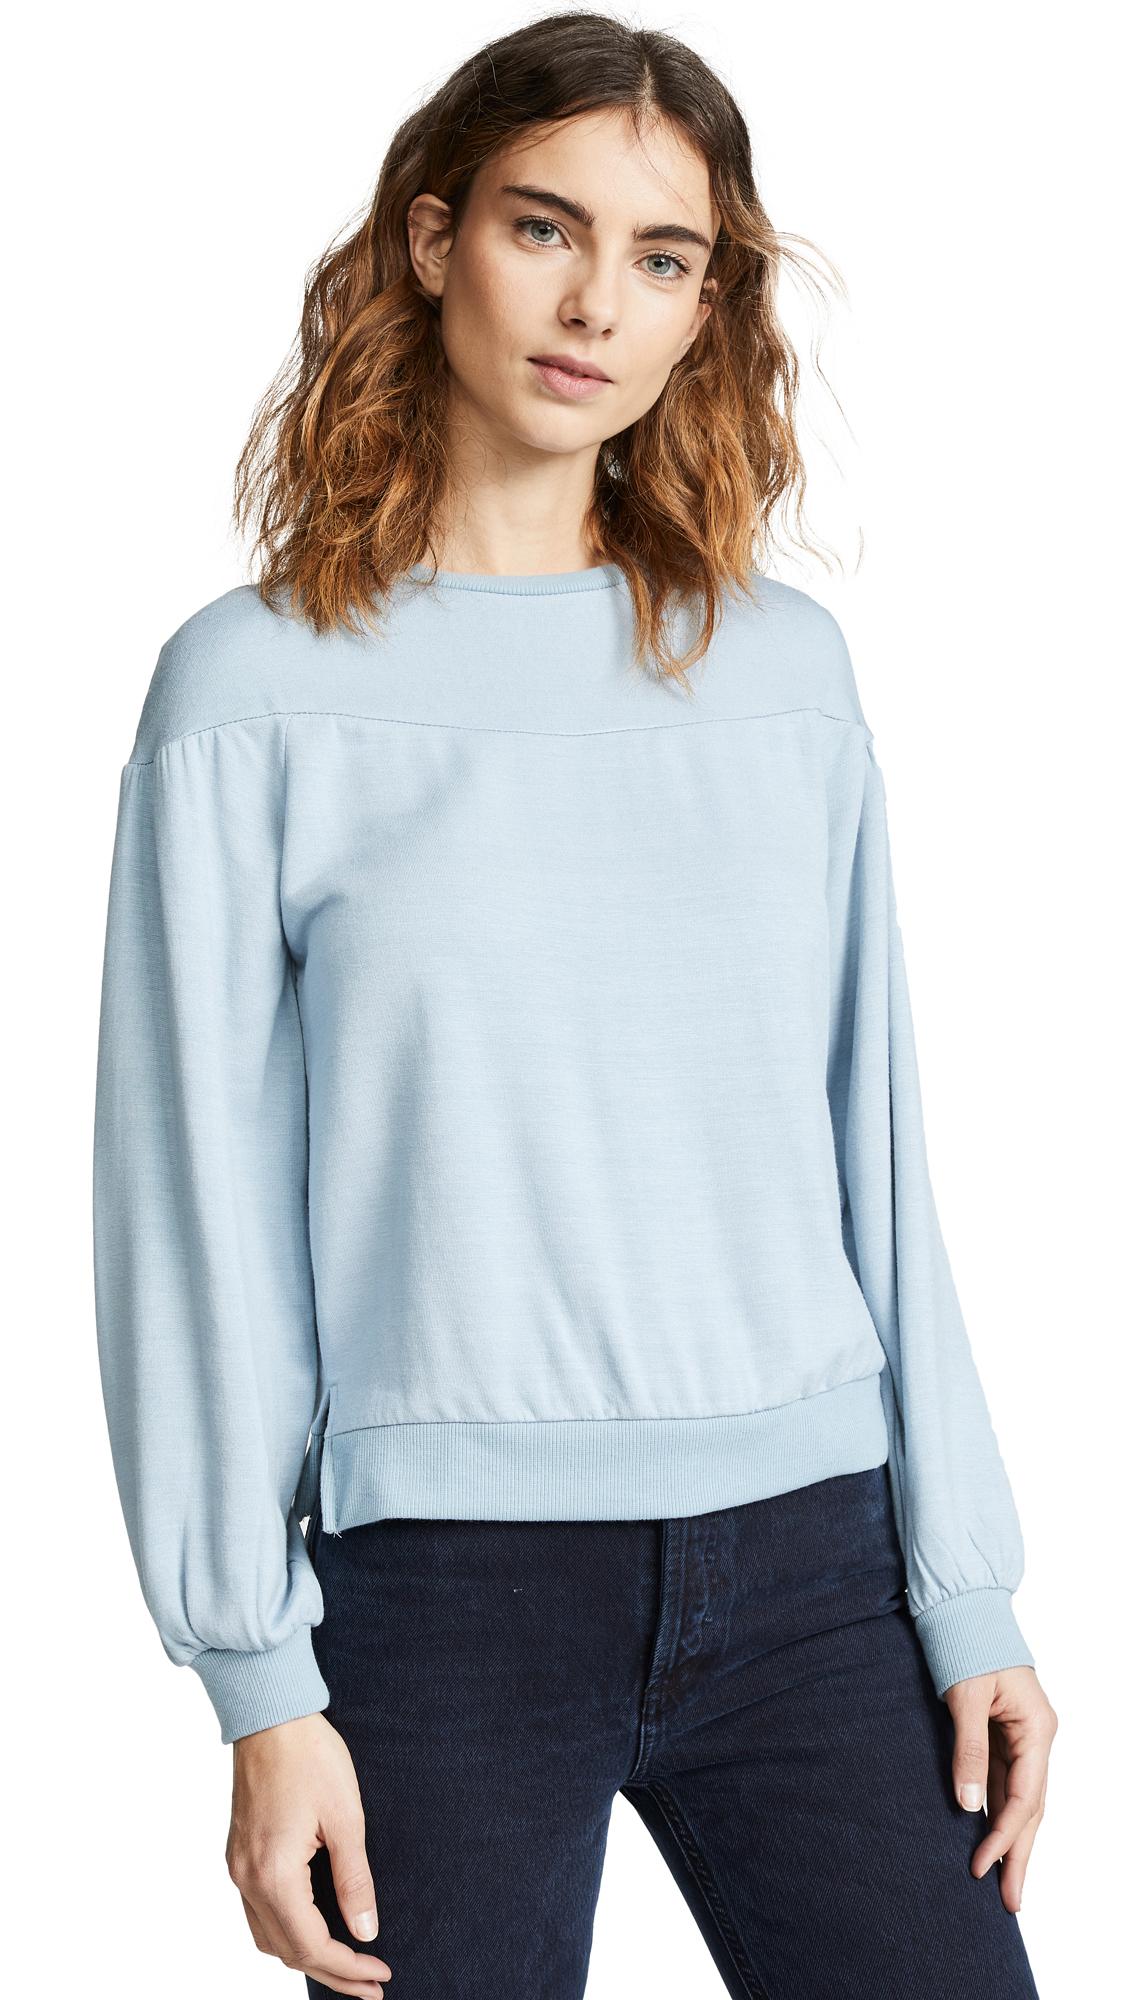 Z SUPPLY The Elizabeth Pull Over Fleece in Dusty Blue